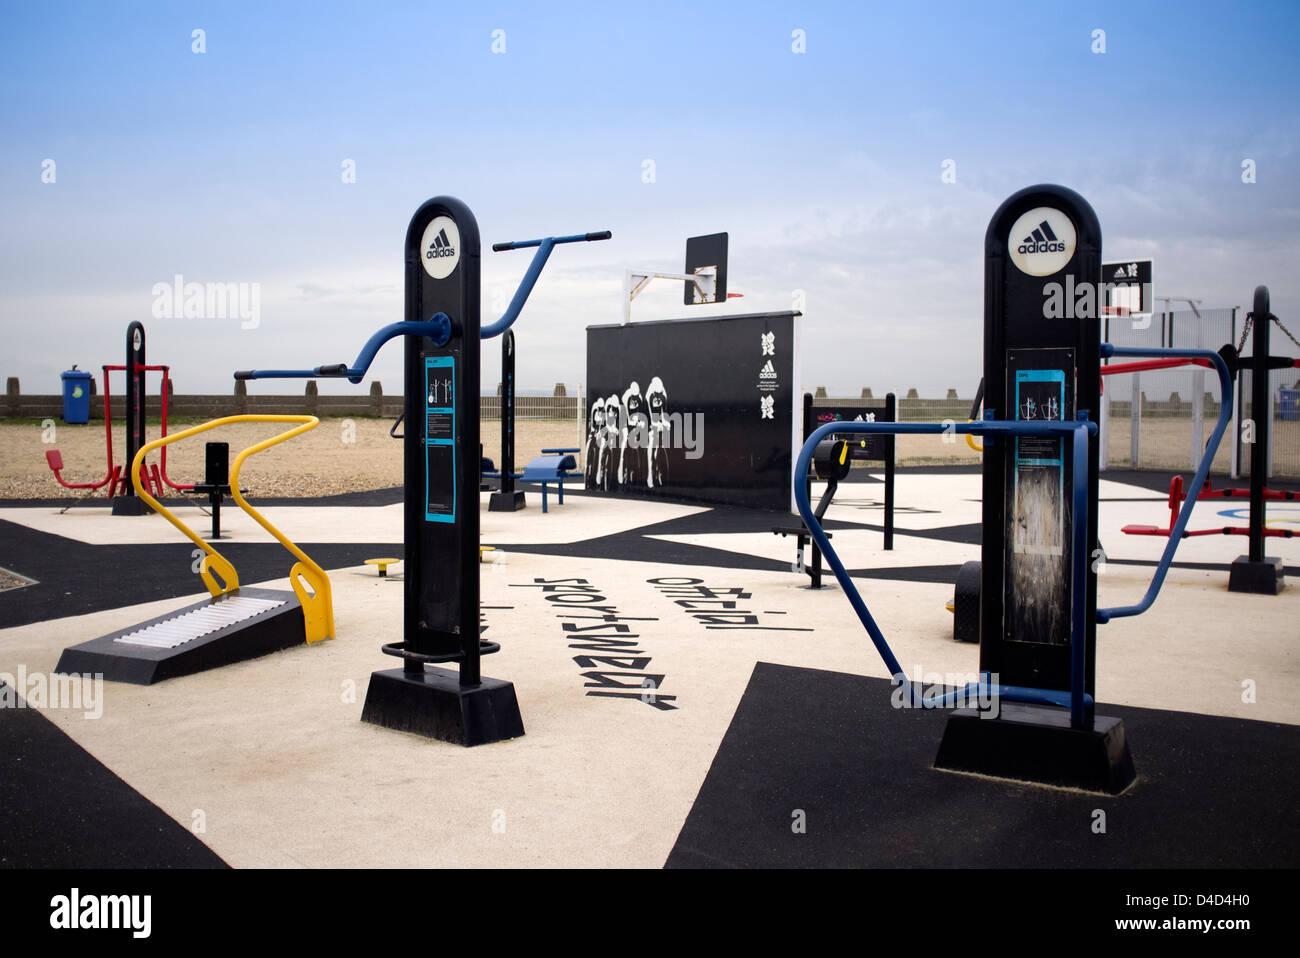 Piscina gimnasio con máquinas de ejercicio Imagen De Stock